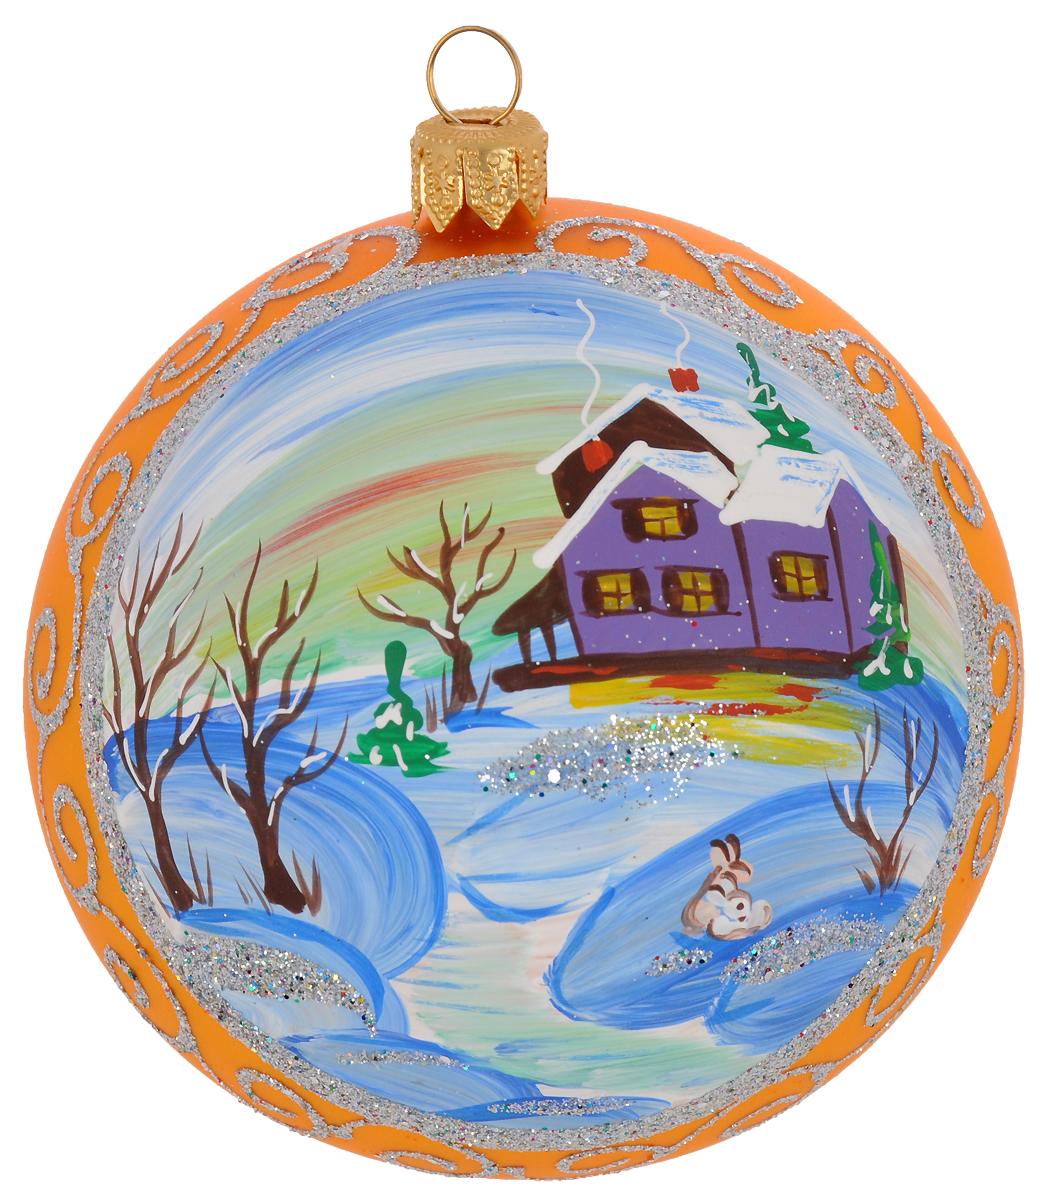 """Новогоднее подвесное украшение """"Иней"""" отлично подойдет для декорации вашего дома и  новогодней ели. Новогоднее украшение можно повесить в любом понравившемся вам месте. Но,  конечно, удачнее всего оно будет смотреться на праздничной елке.  Елочная игрушка,  выполненная из стекла, оформлена рисунком ручной работы. Она несет в себе волшебство и  красоту праздника.  Такое украшение создаст в вашем доме атмосферу праздника, веселья  и радости."""